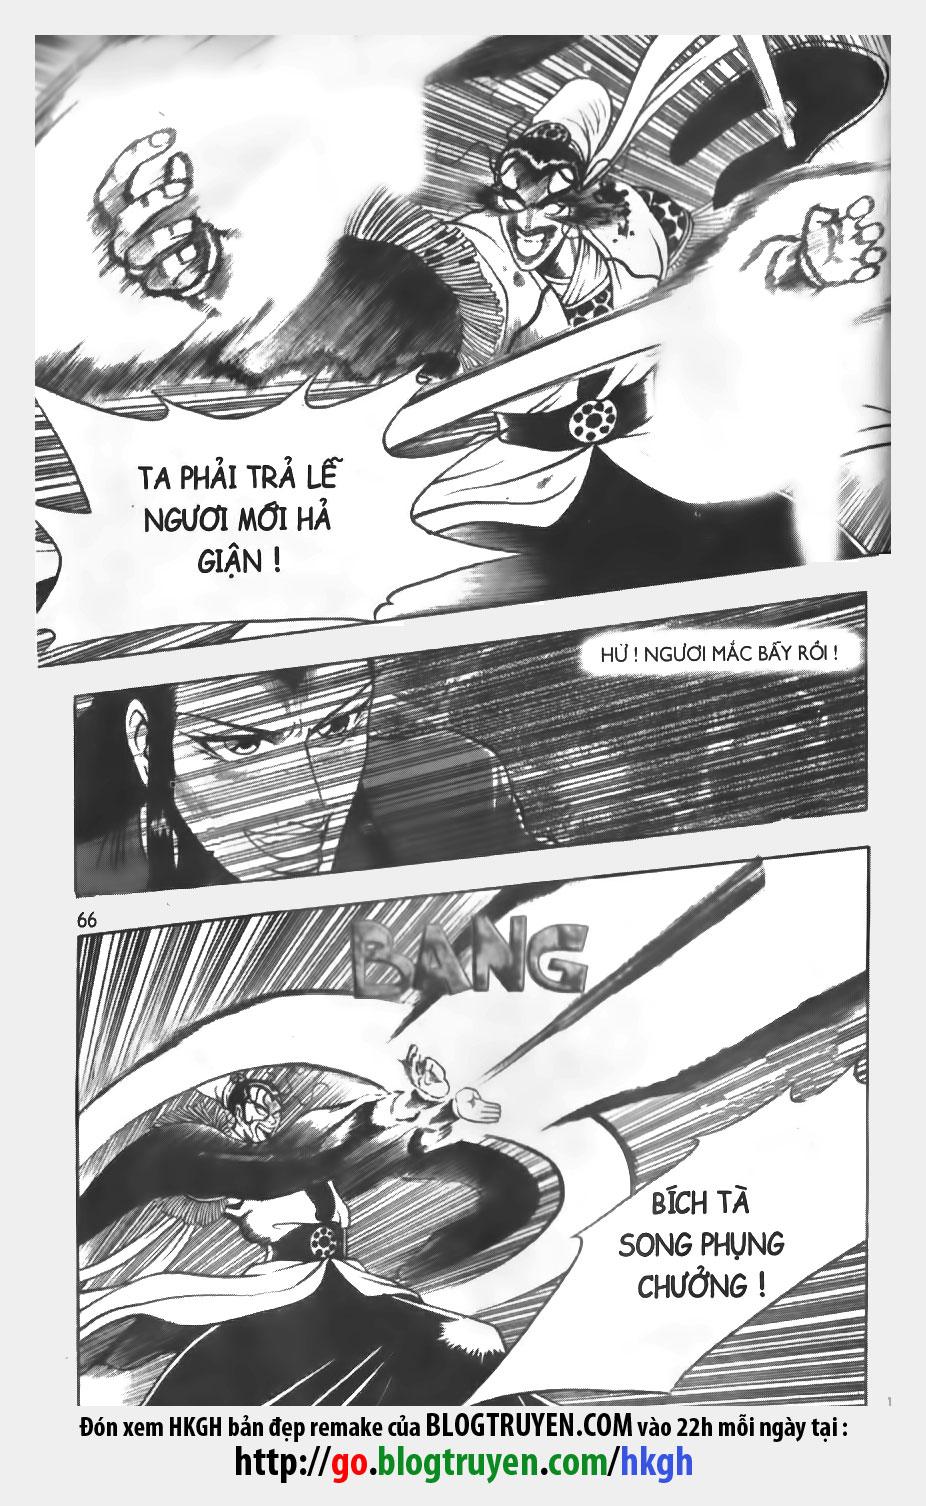 xem truyen moi - Hiệp Khách Giang Hồ Vol10 - Chap 064 - Remake